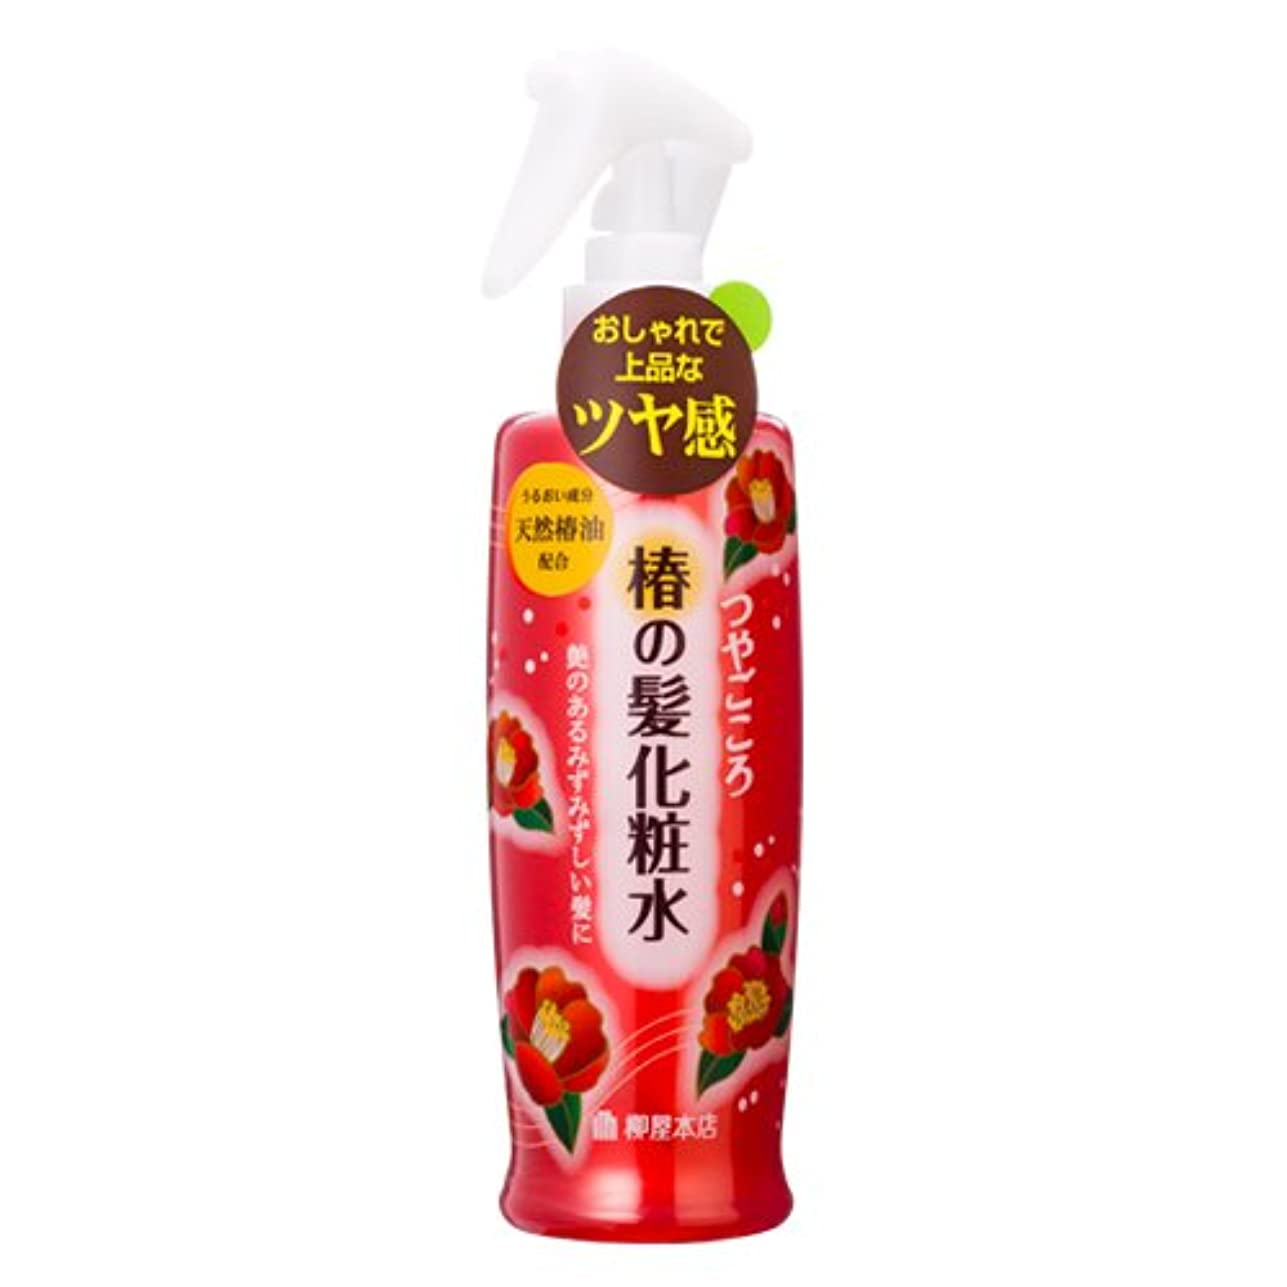 治世画面道徳つやごころ 椿の髪化粧水250ml